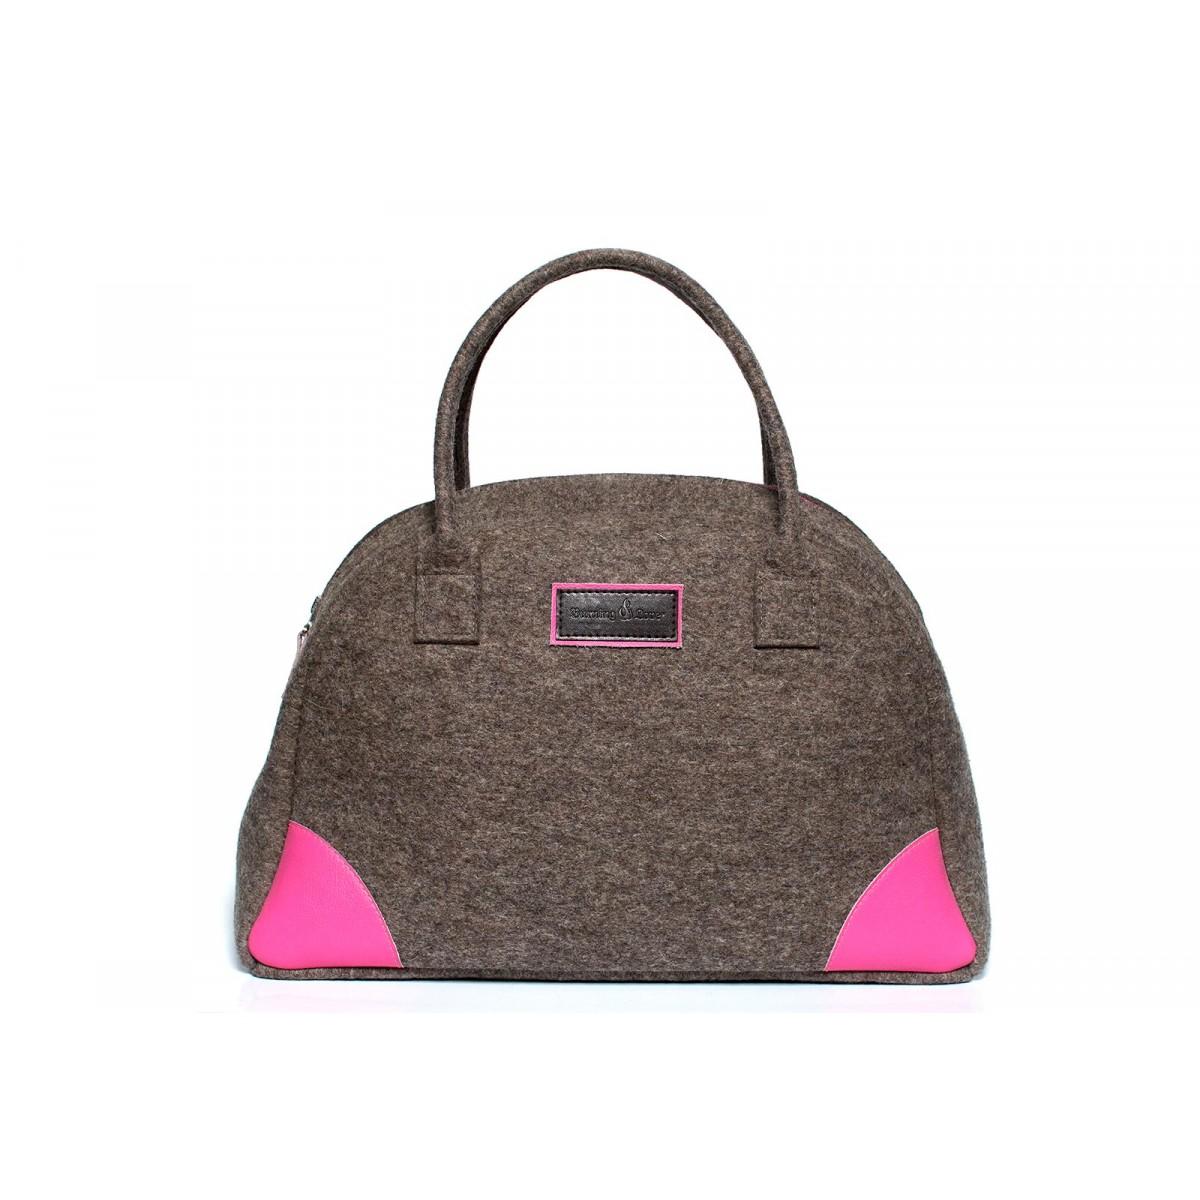 Bowling Bag - Handtasche (Filz und Leder) Gr. L - Burning Love Sonderpreis!